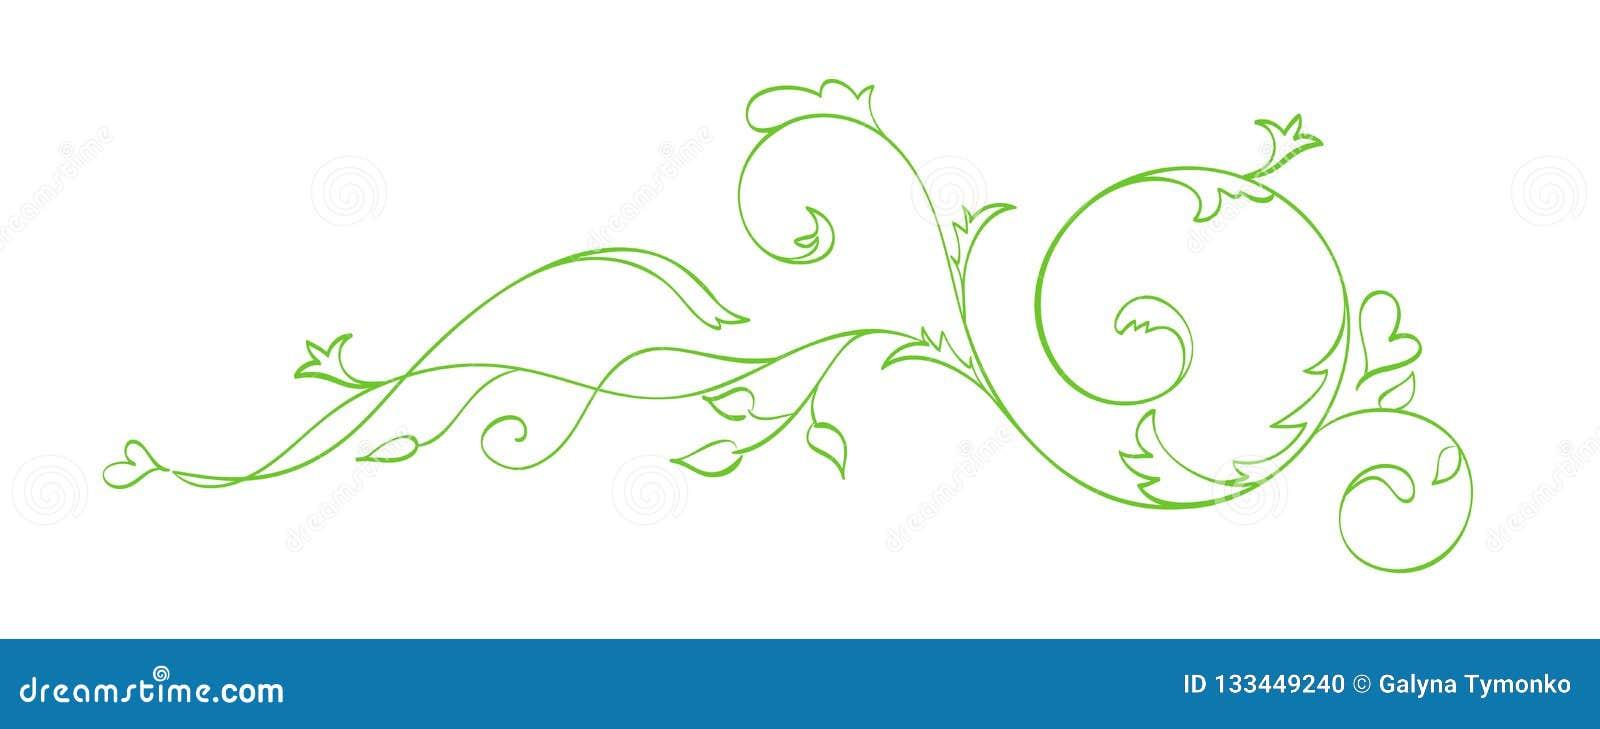 Zielona Wektorowa ręka Rysujący Kaligraficzny oddzielacz Wiosna zawijasa projekta element Kwiecisty światło stylu wystrój dla wit